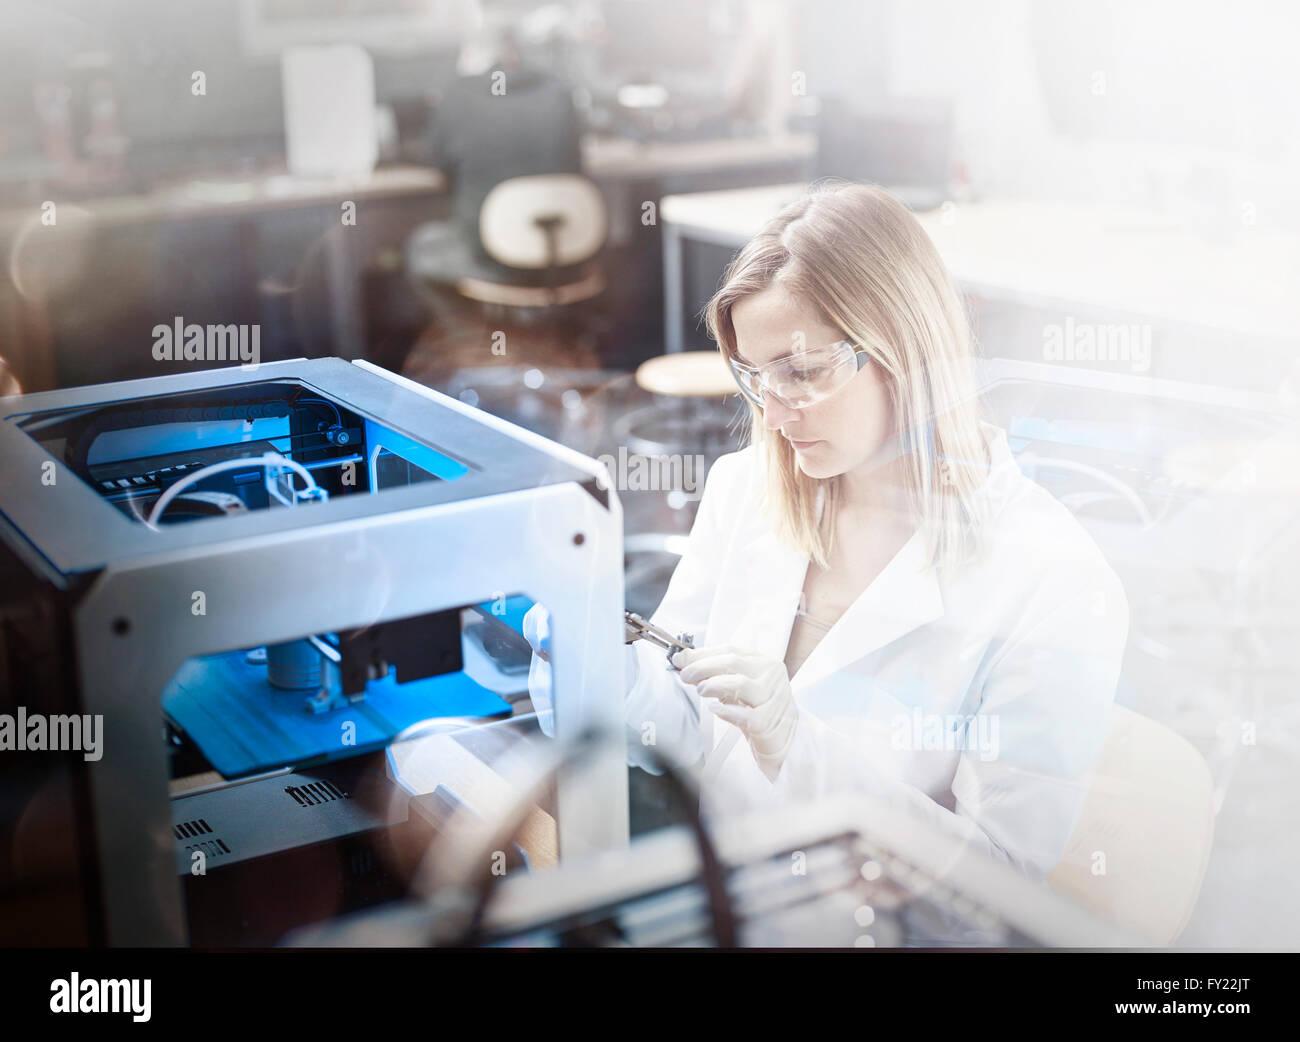 Weiblichen Techniker, 25-30 Jahre, im weißen Kittel und Schutzbrillen, Kontrolle der Druck eines 3D-Druckers, Stockbild